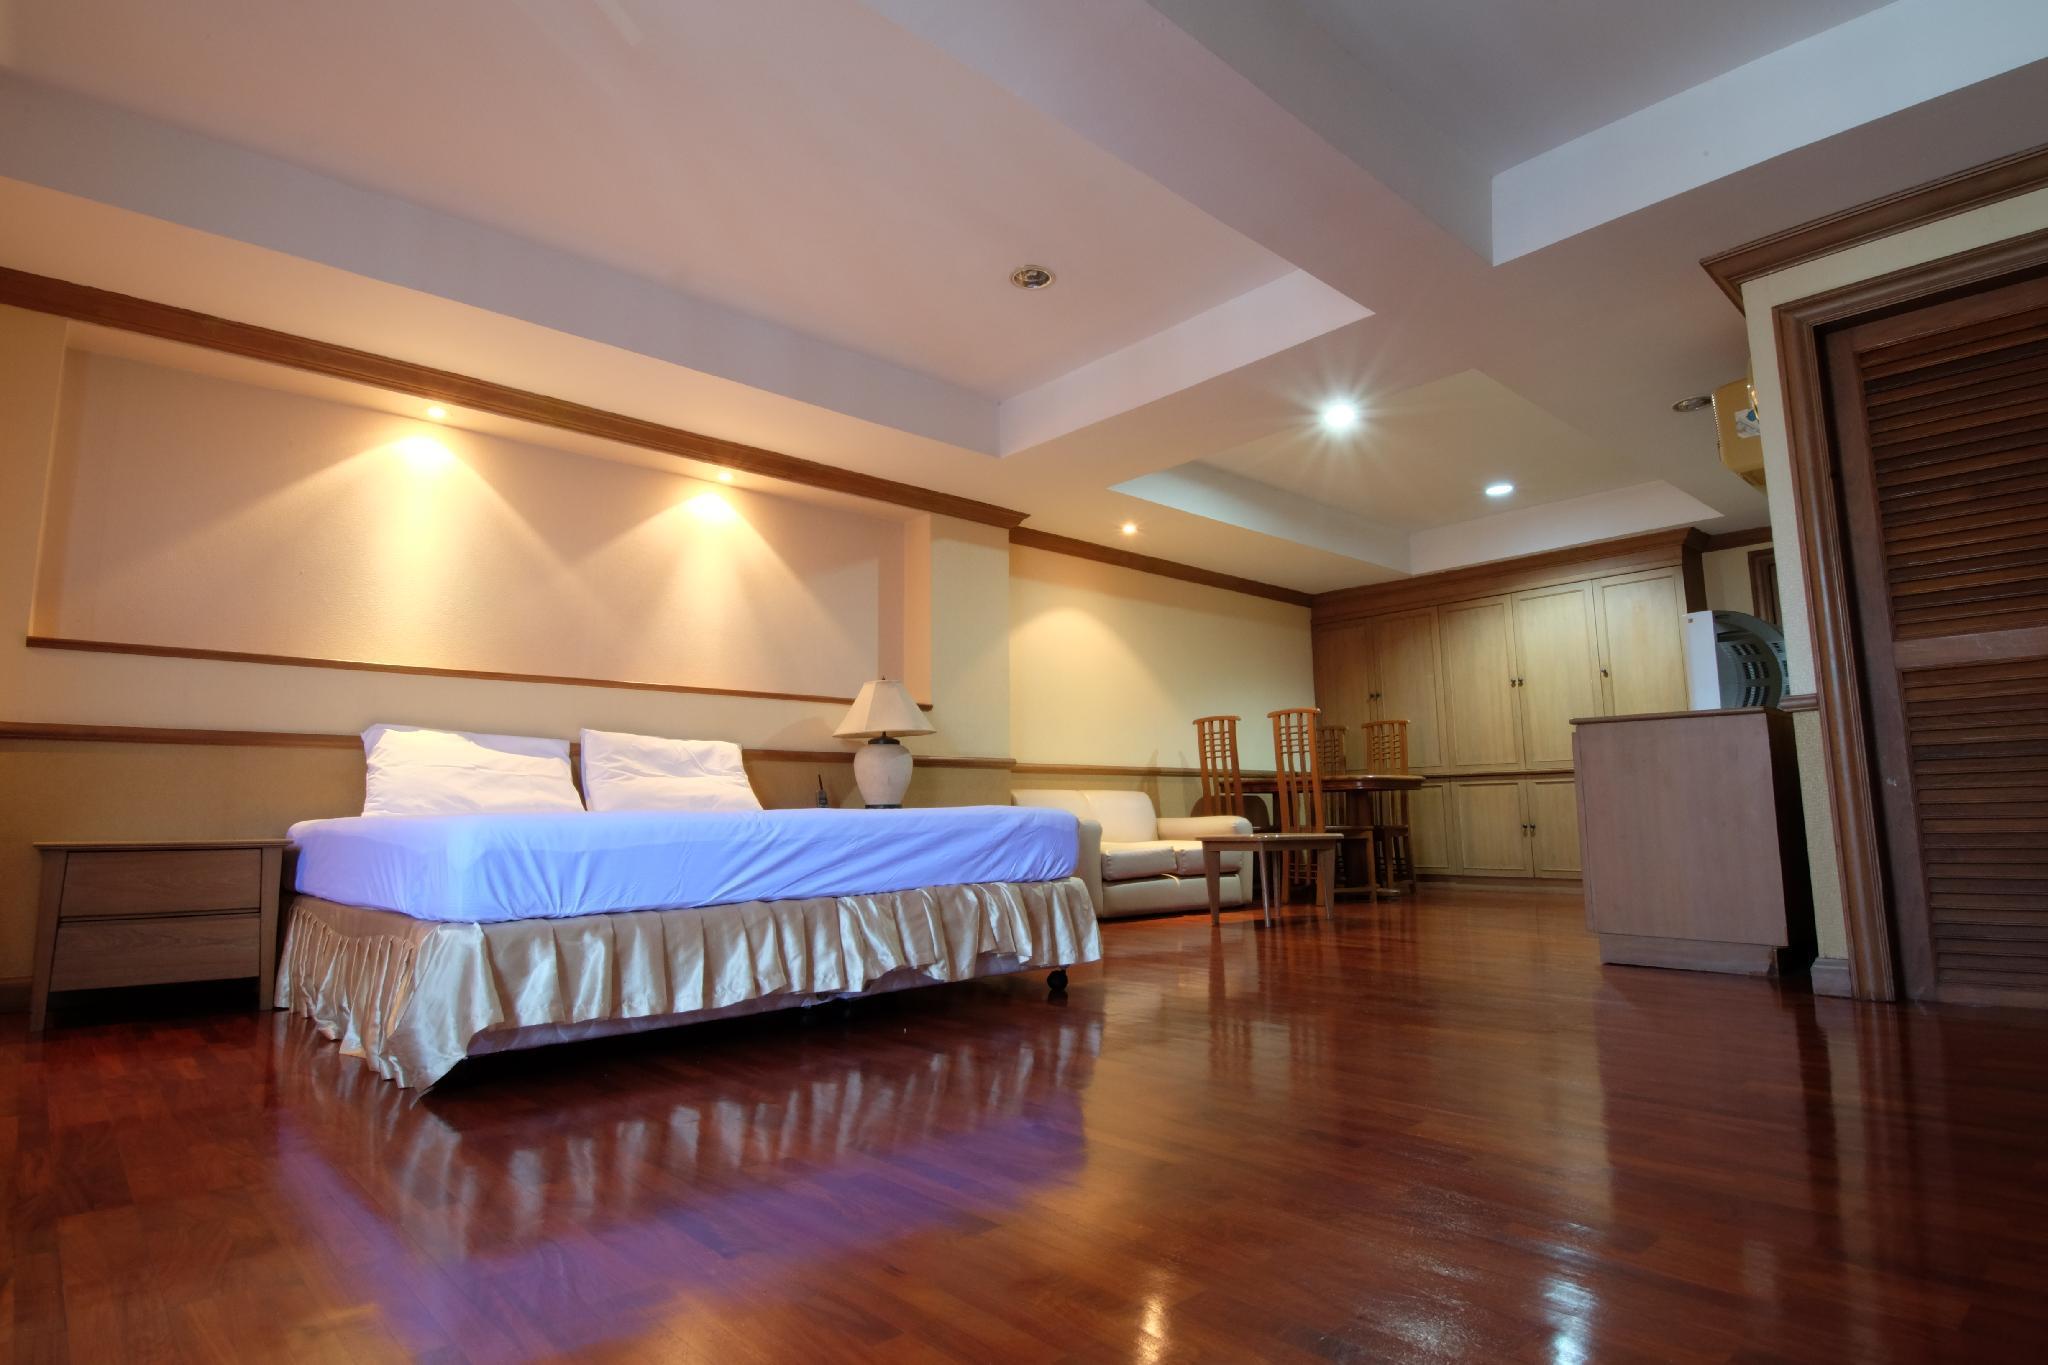 โรงแรมอะลาเมดา สวีท